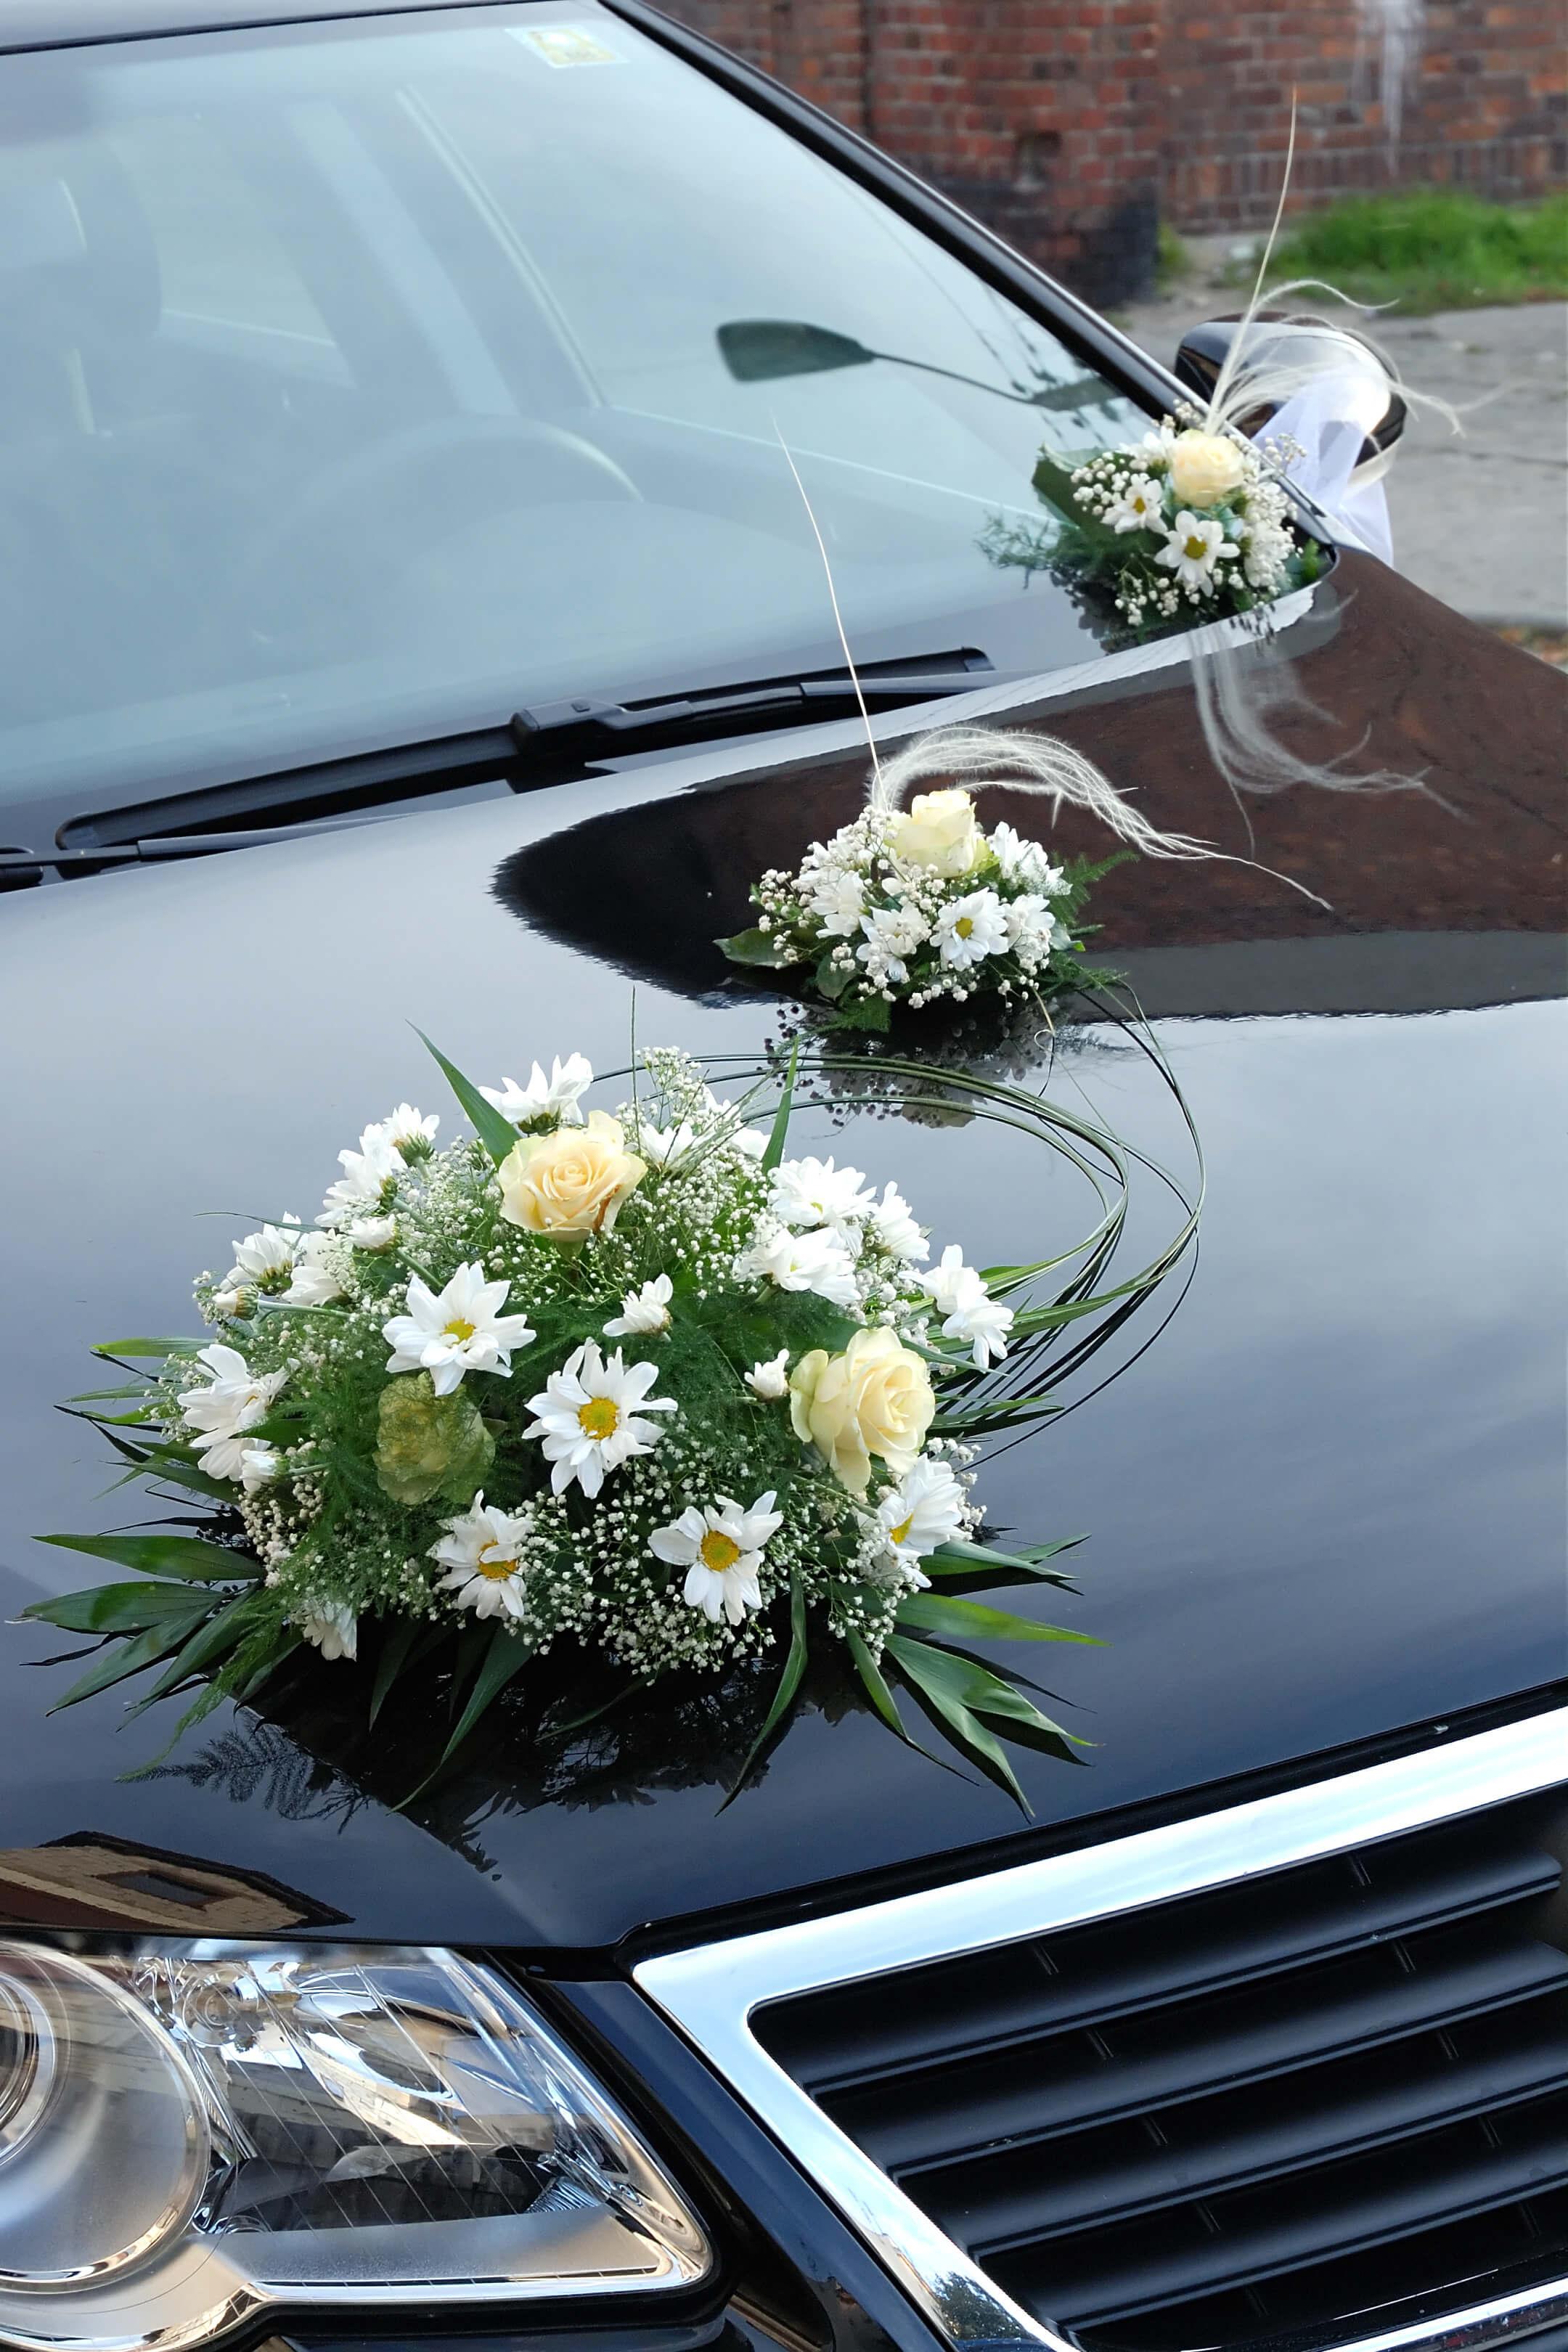 Hochzeitsauto mit Blumenschmuck | Große Bildergalerie